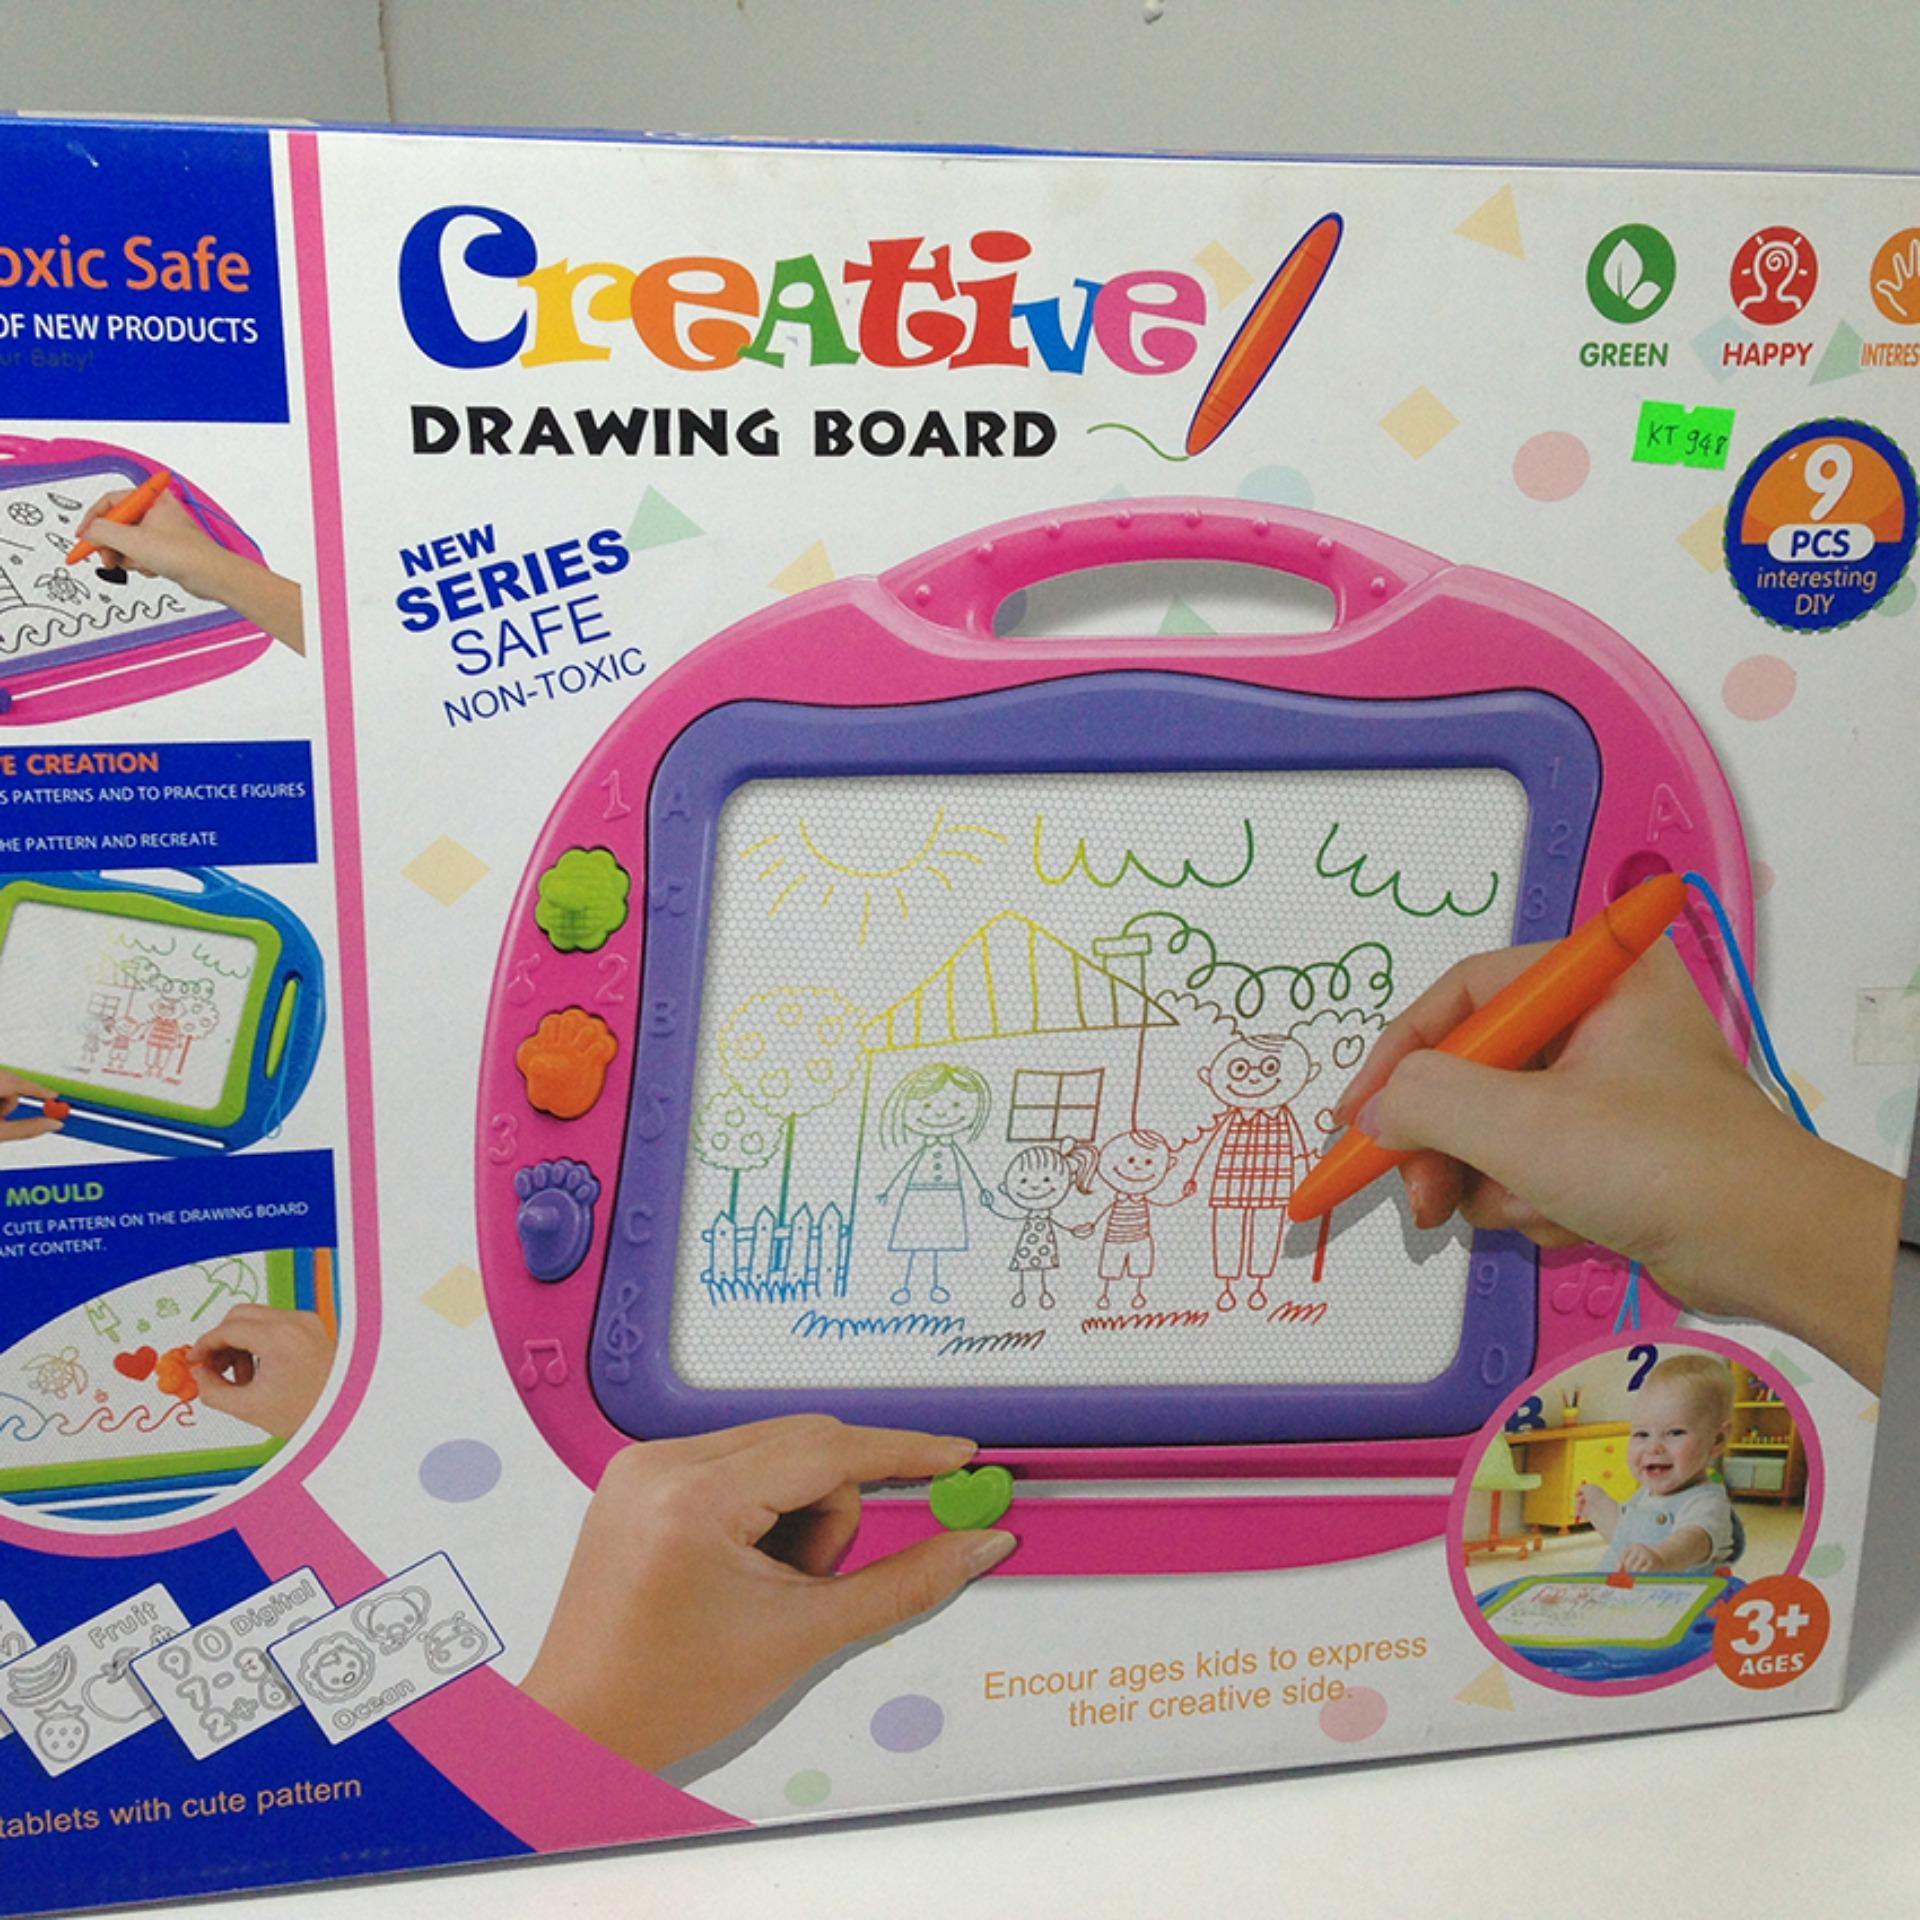 Hình ảnh Bảng xóa Creative Drawing Board ATC948